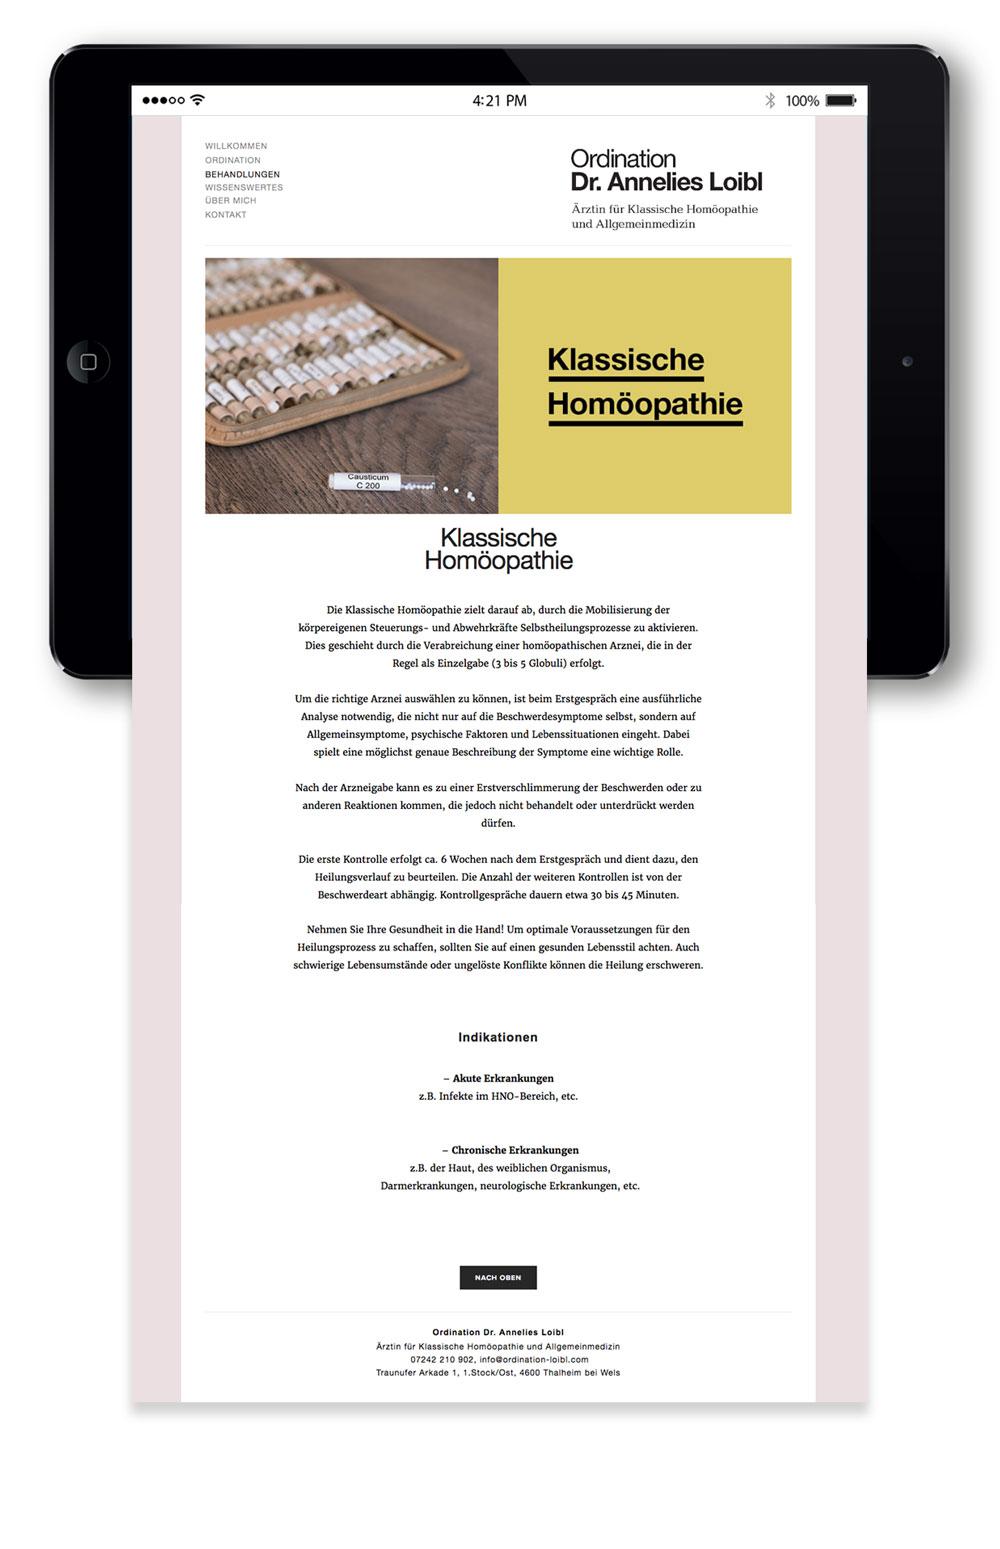 homepage-3-ordination-dr-annelies-loibl-designkitchen.jpg